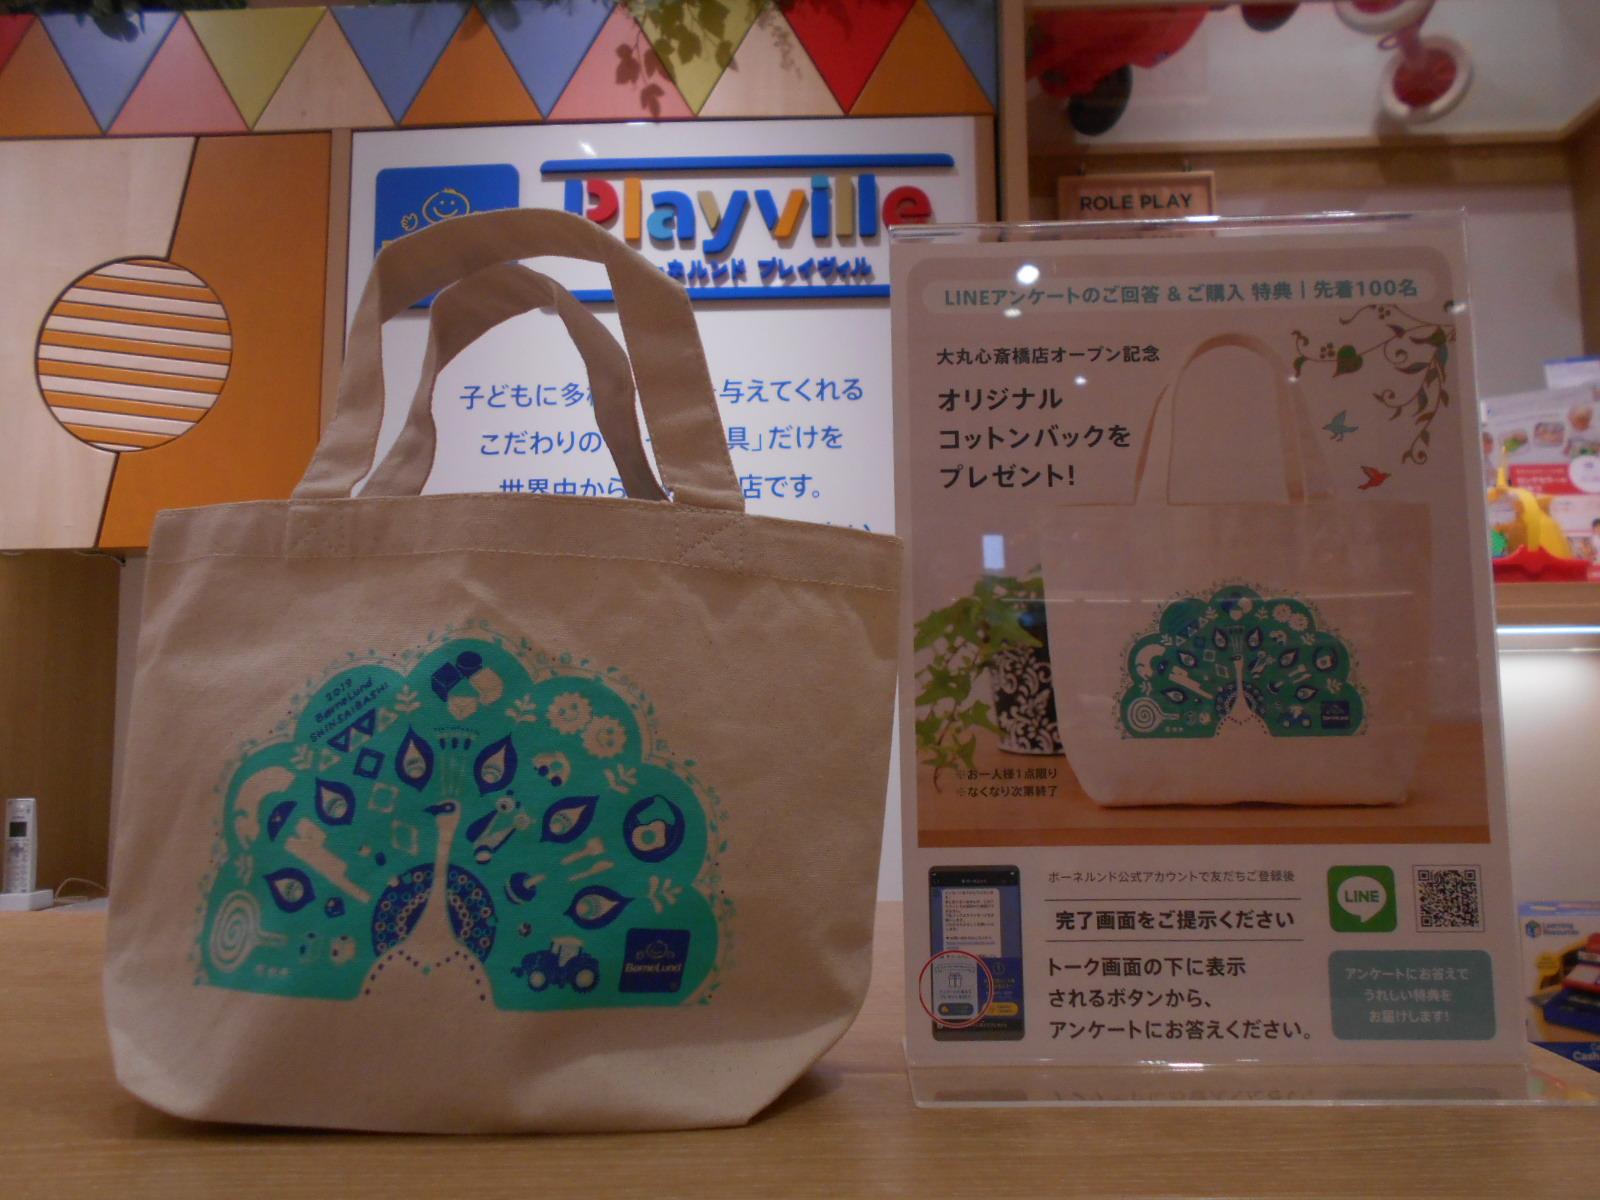 大丸心斎橋オープン記念 トートバッグをプレゼント!